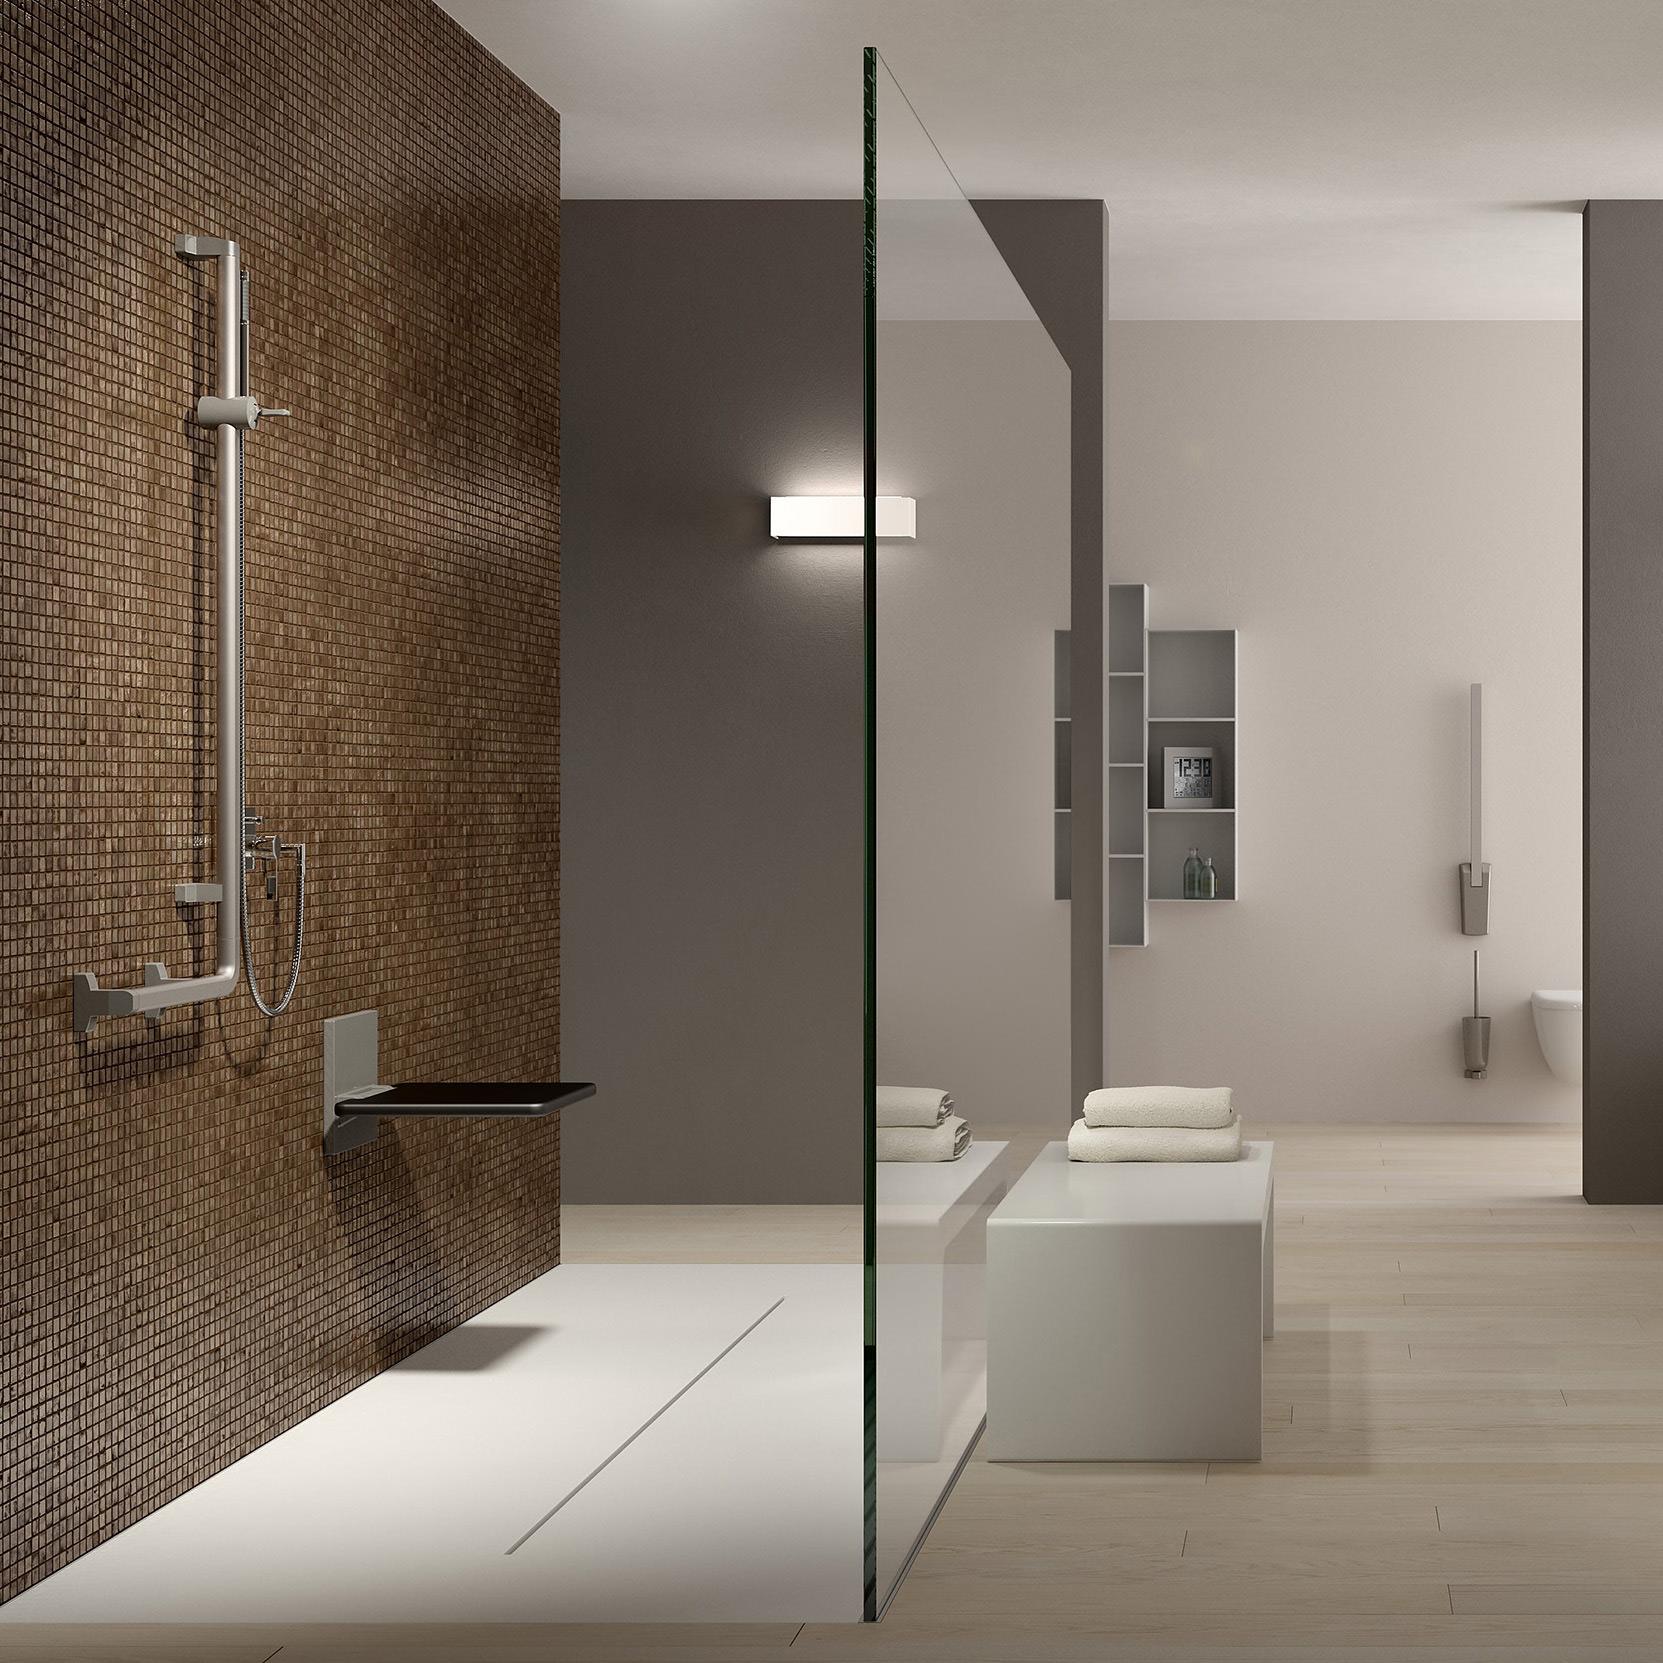 Accessori bagno foto 1 livingcorriere - Accessori bagno milano ...